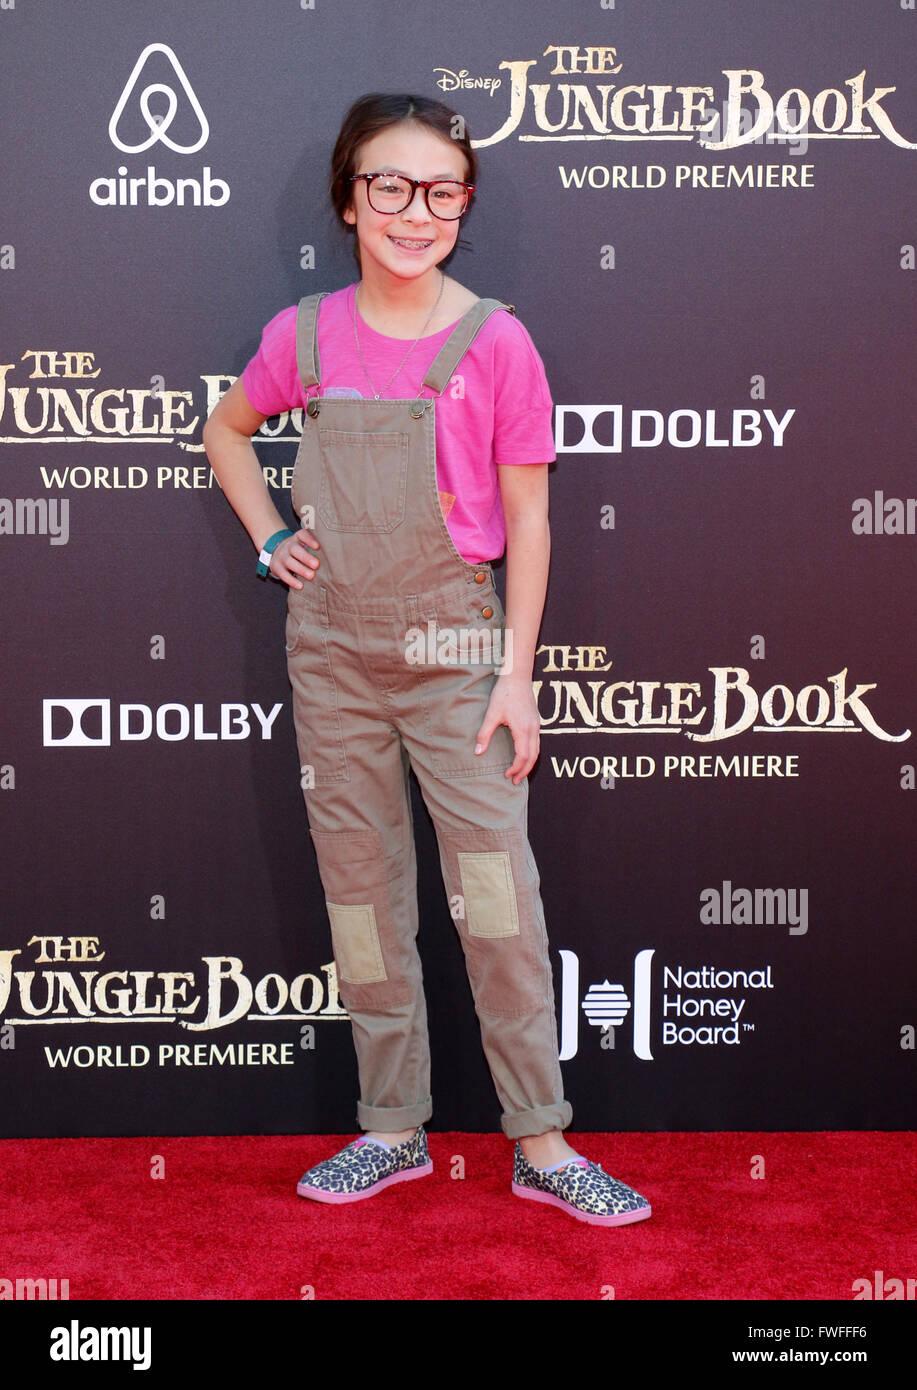 Aubrey Anderson-Emmons Aubrey Anderson-Emmons new photo